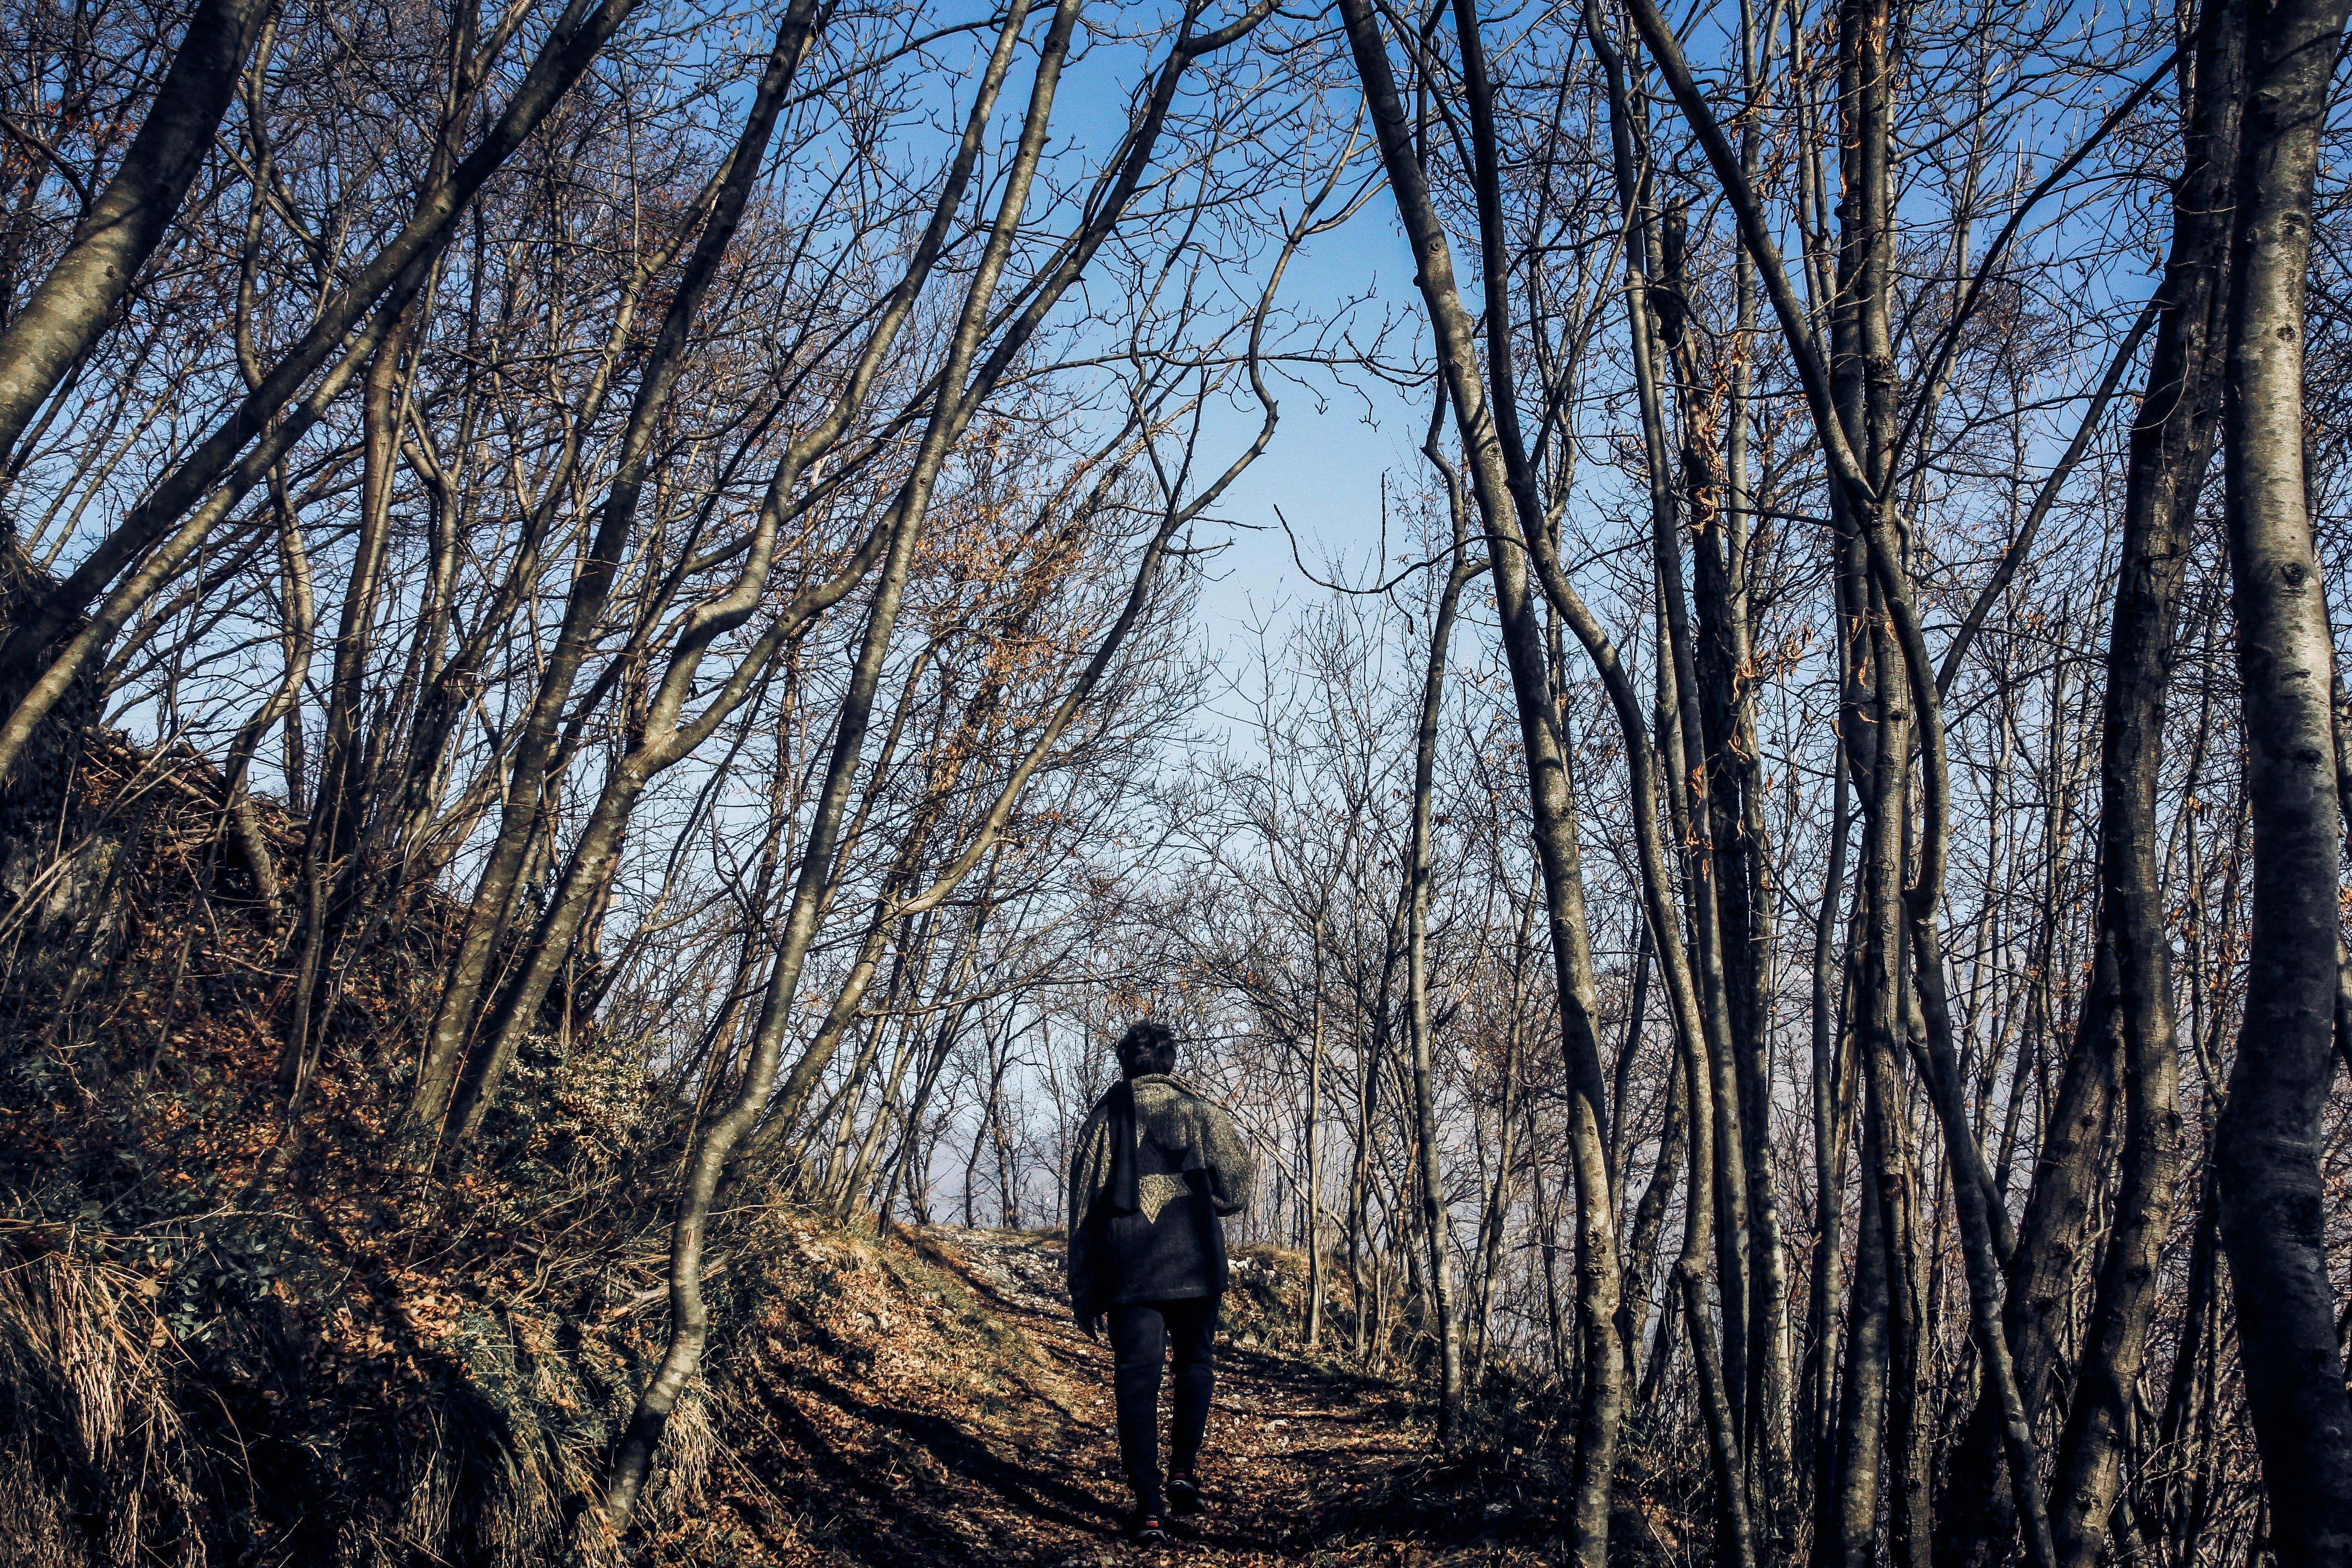 Δωρεάν στοκ φωτογραφιών με άνδρας, δασικός, δέντρα, ημέρα